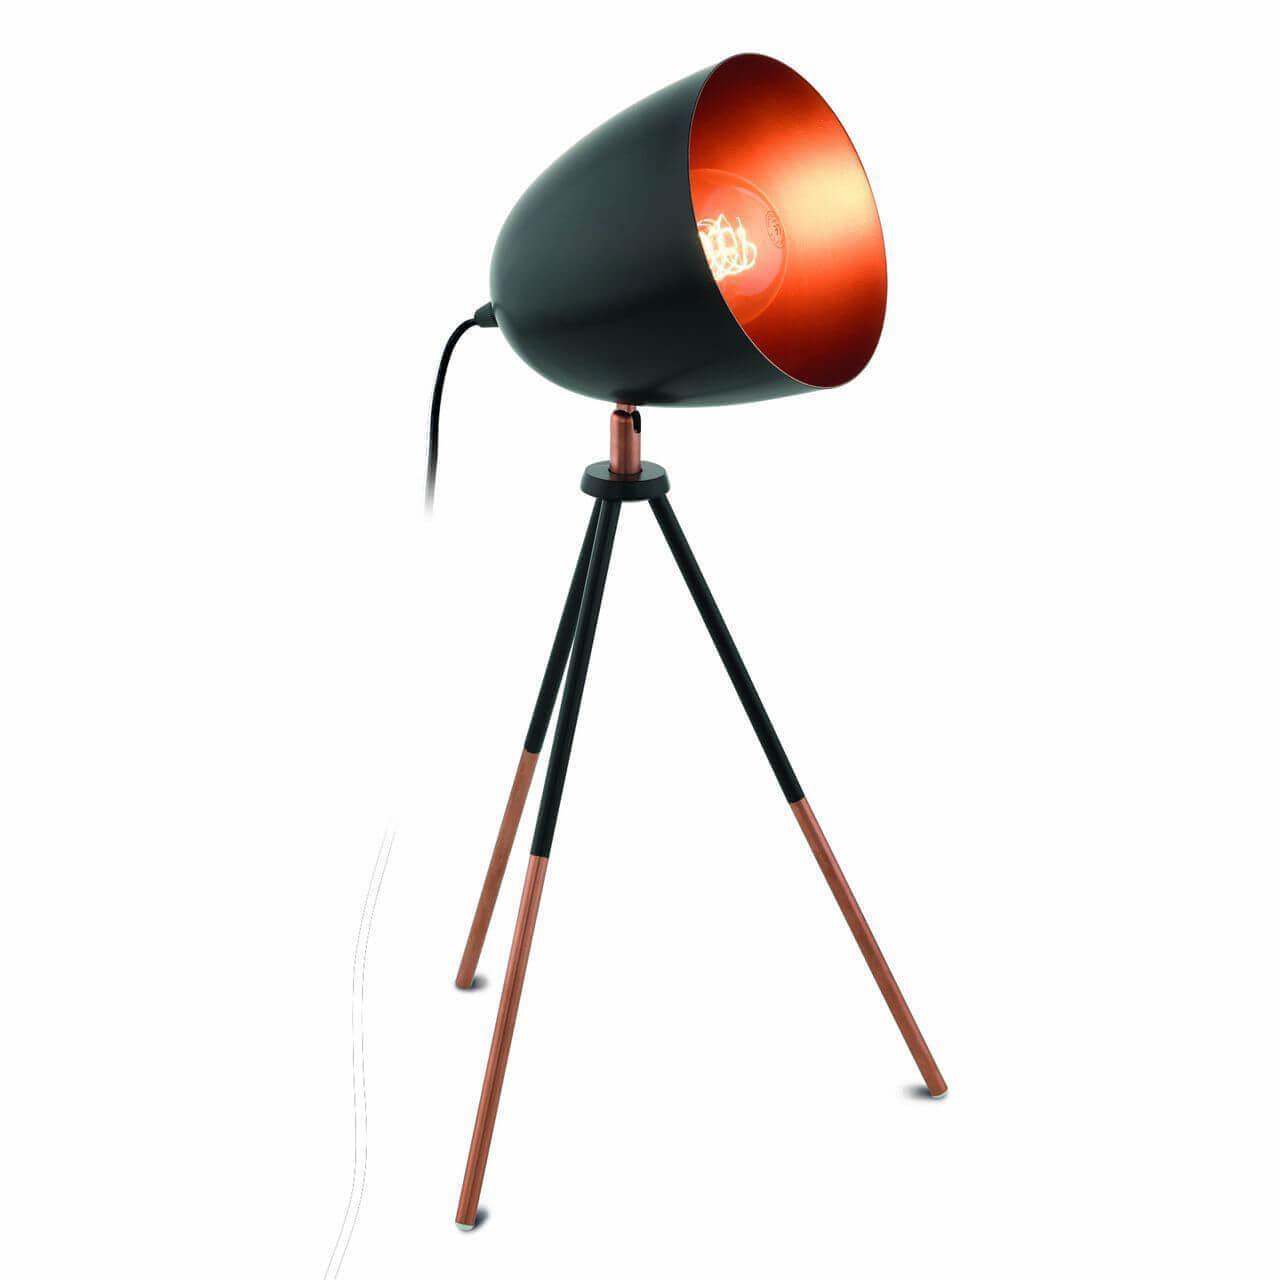 Настольная лампа Eglo 49385 Chester настольная лампа eglo chester 49385 60 вт